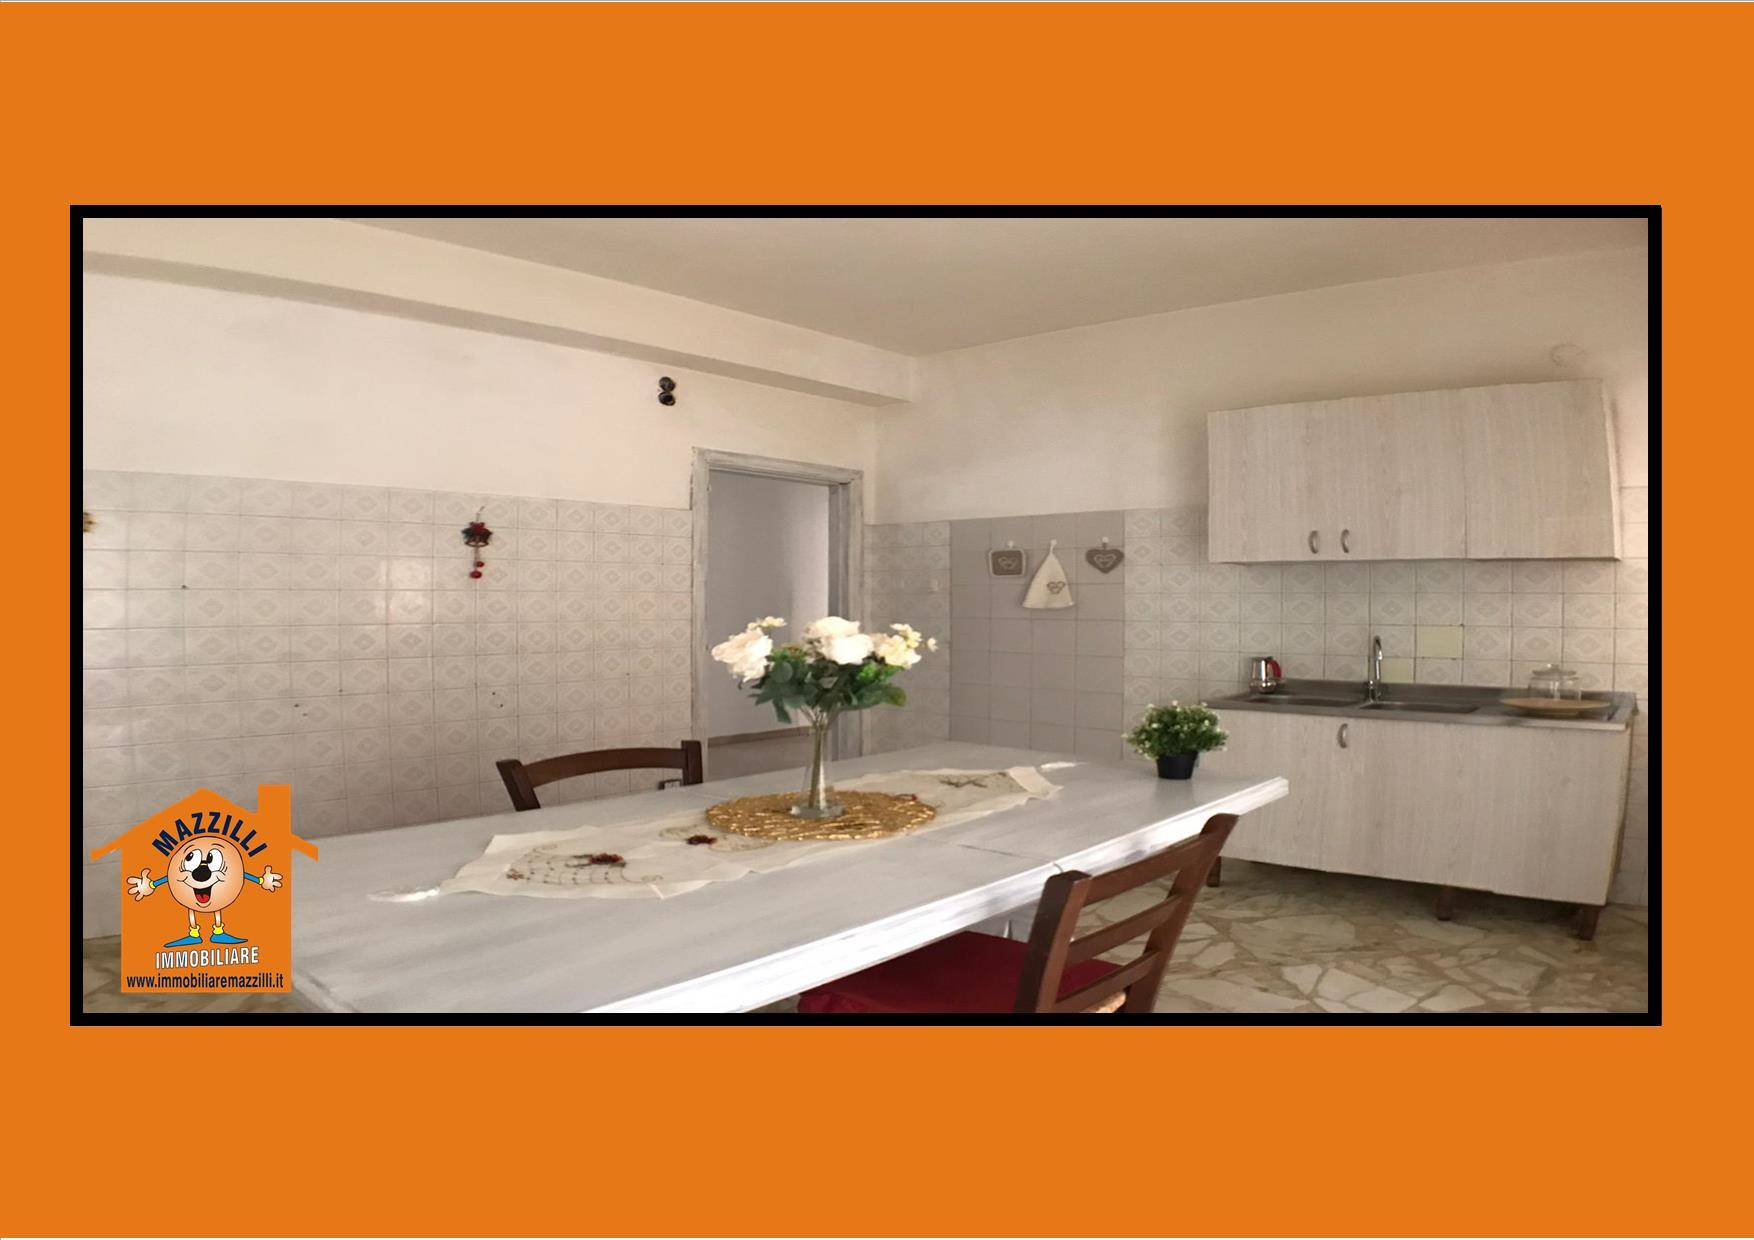 Appartamento in vendita a Potenza, 5 locali, zona centro, prezzo € 147.000 | PortaleAgenzieImmobiliari.it